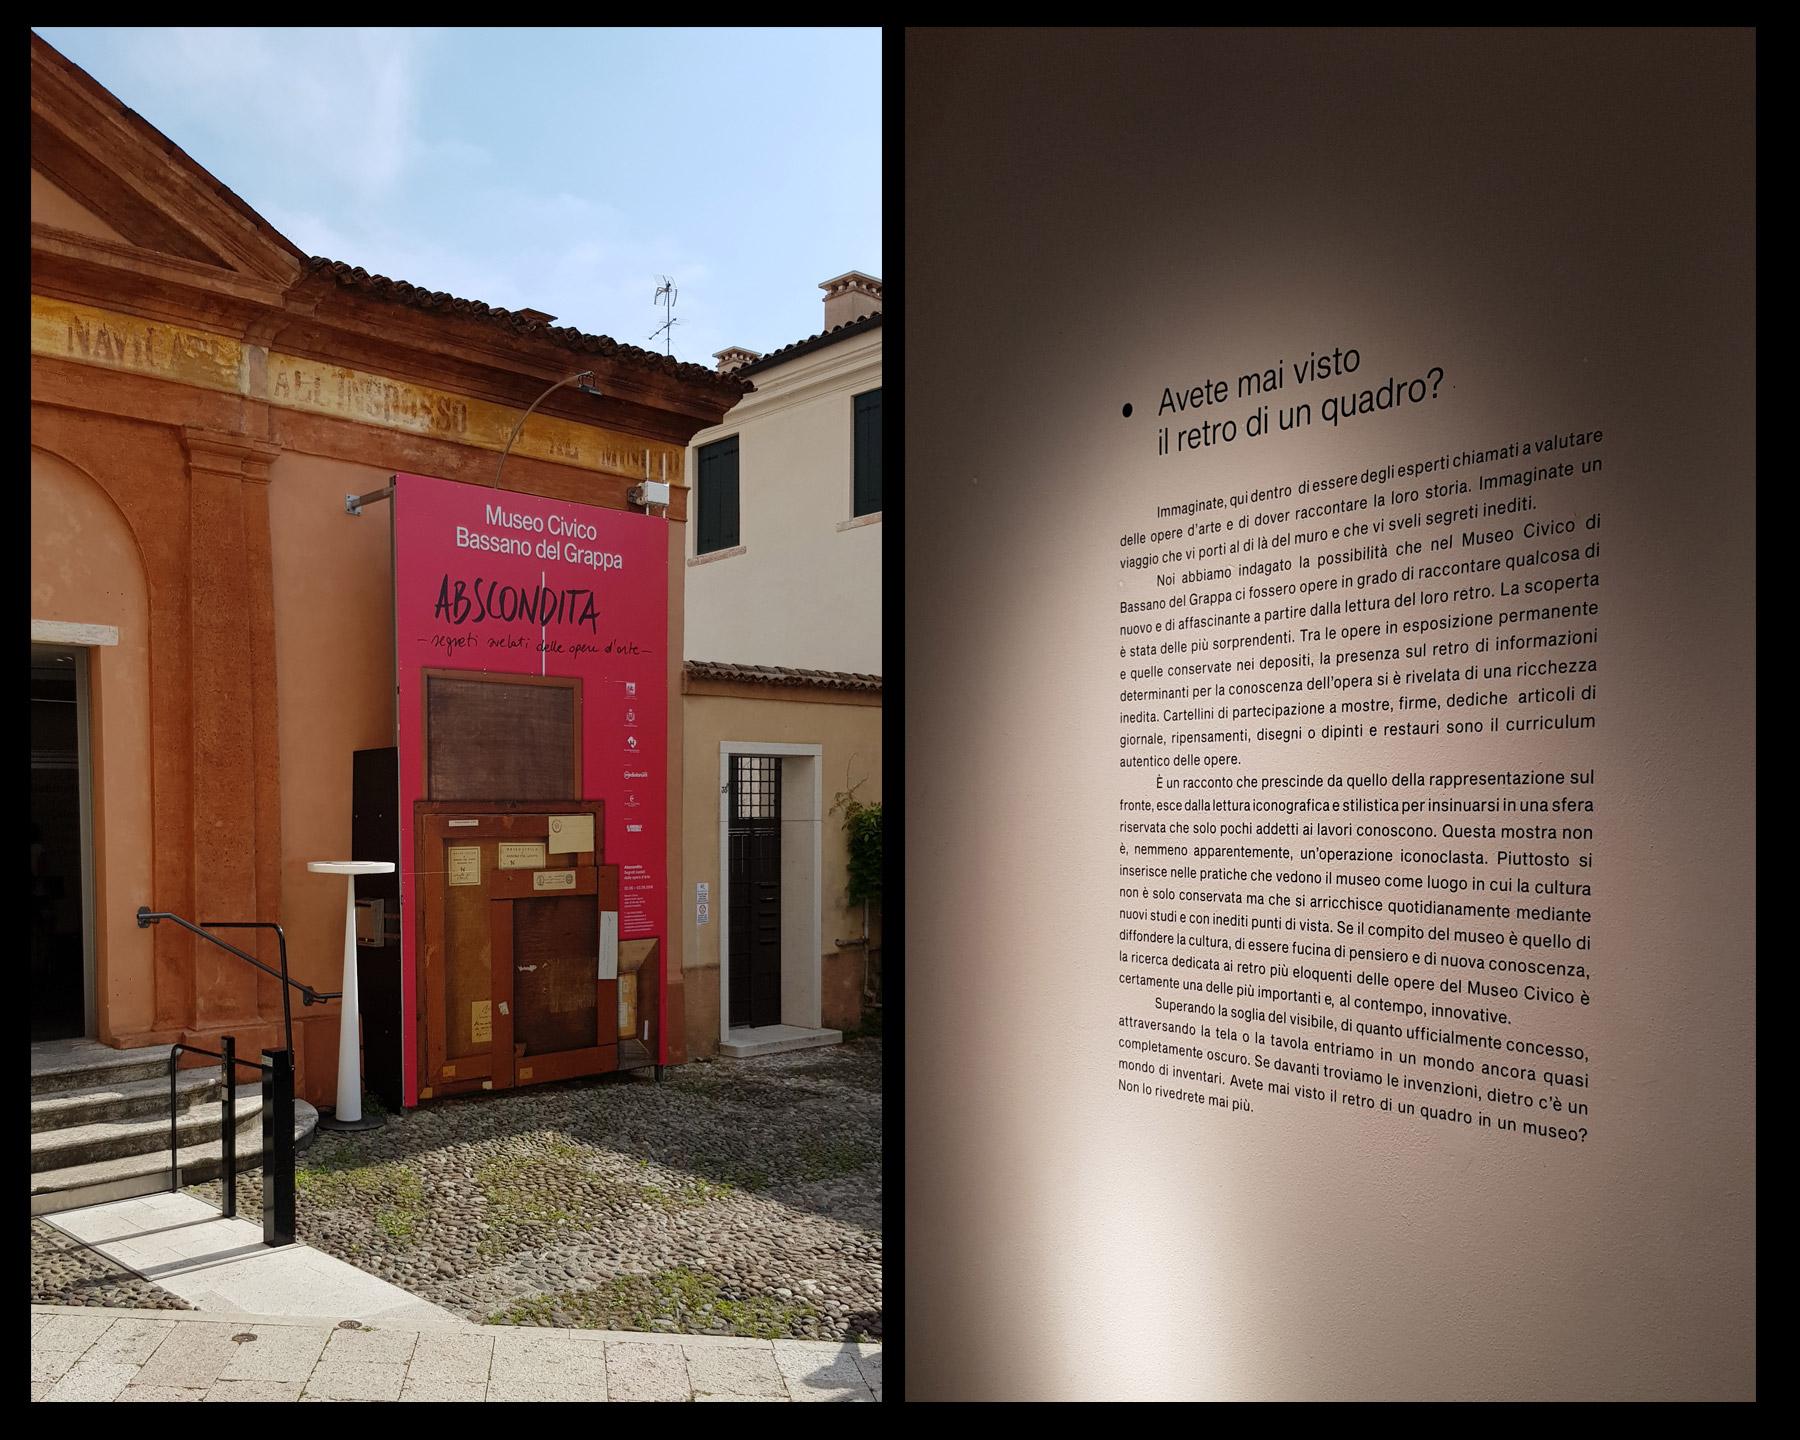 museo-civico-bassano-del-grappa